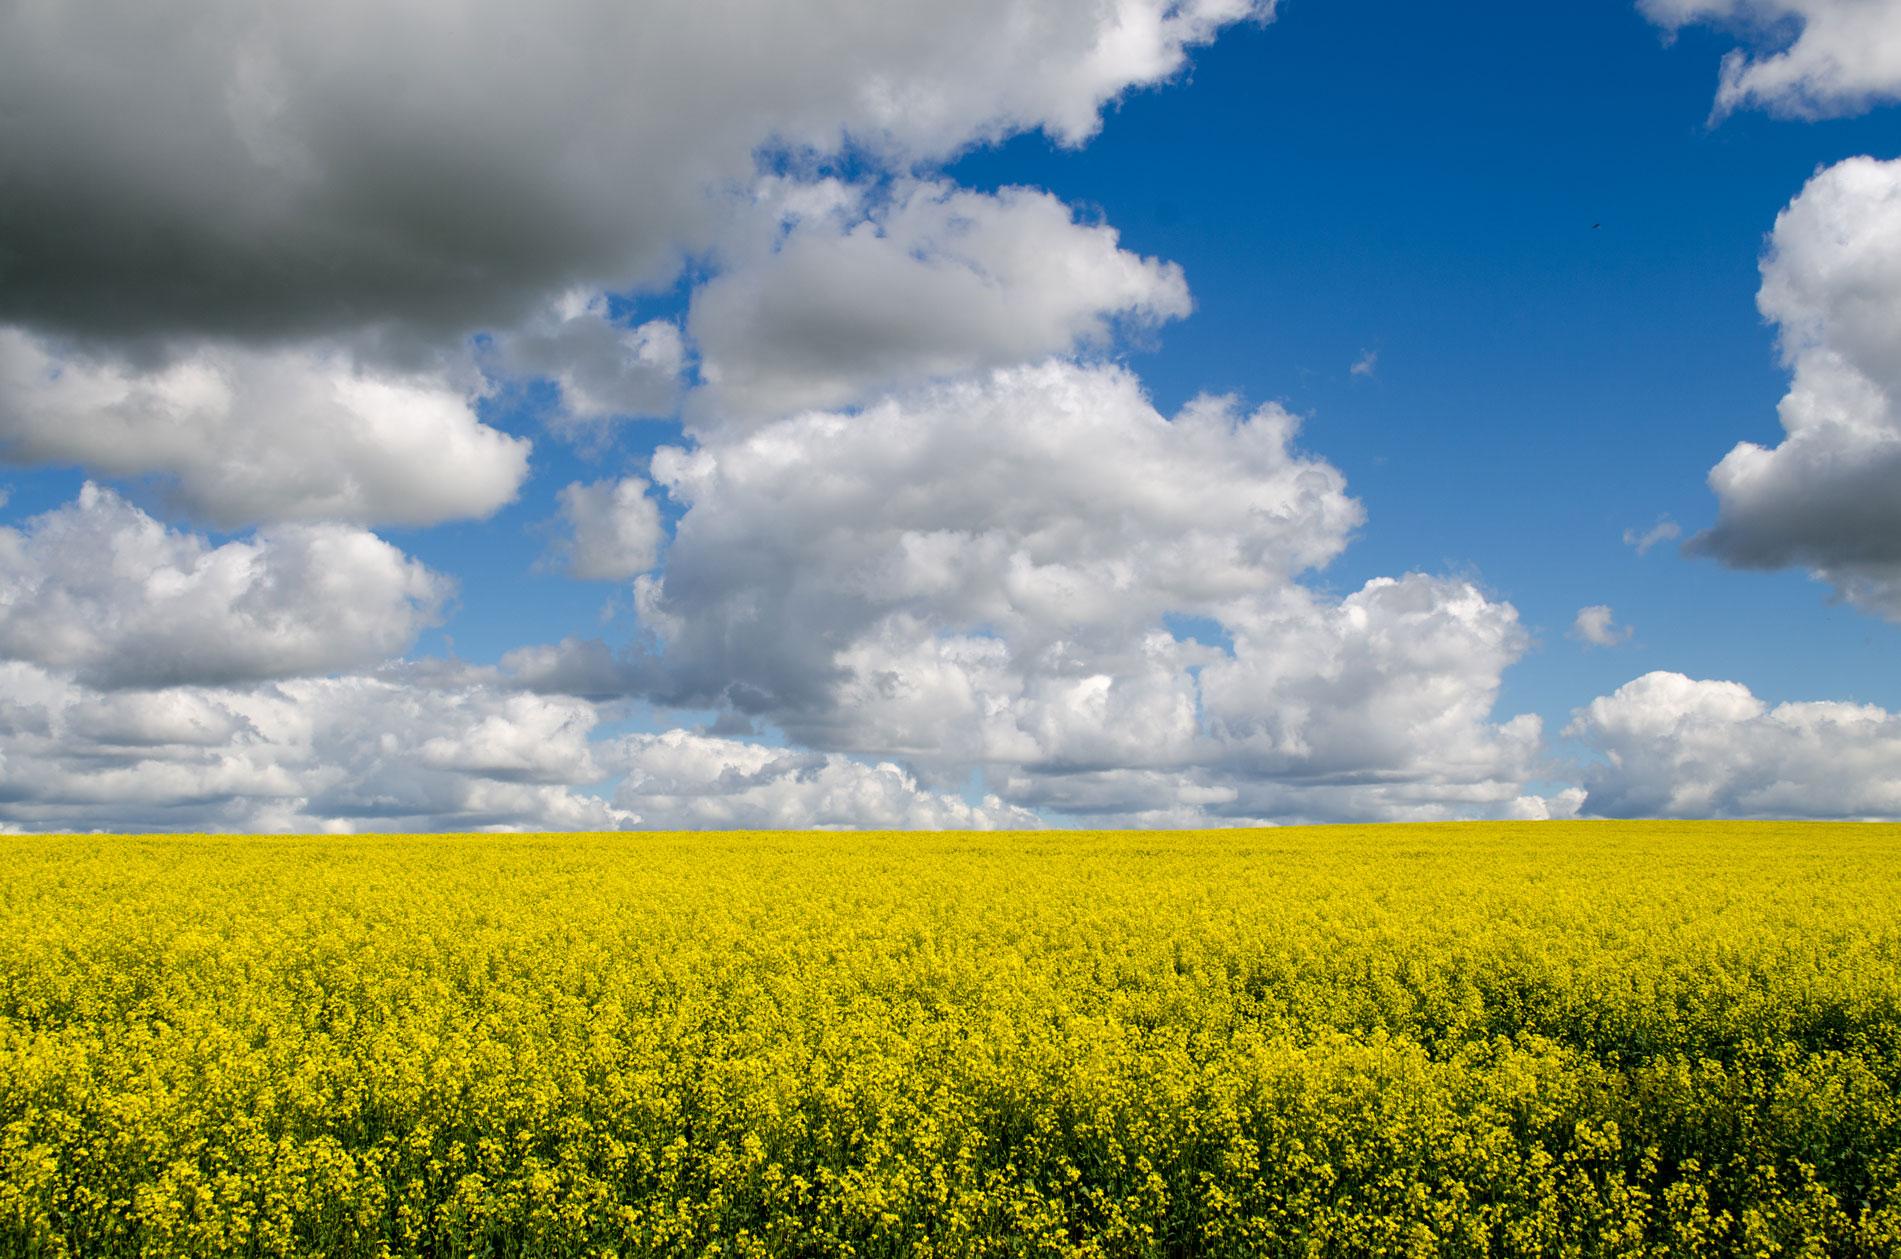 0486---Canola-Fields-Forever,-Anton-Green.jpg